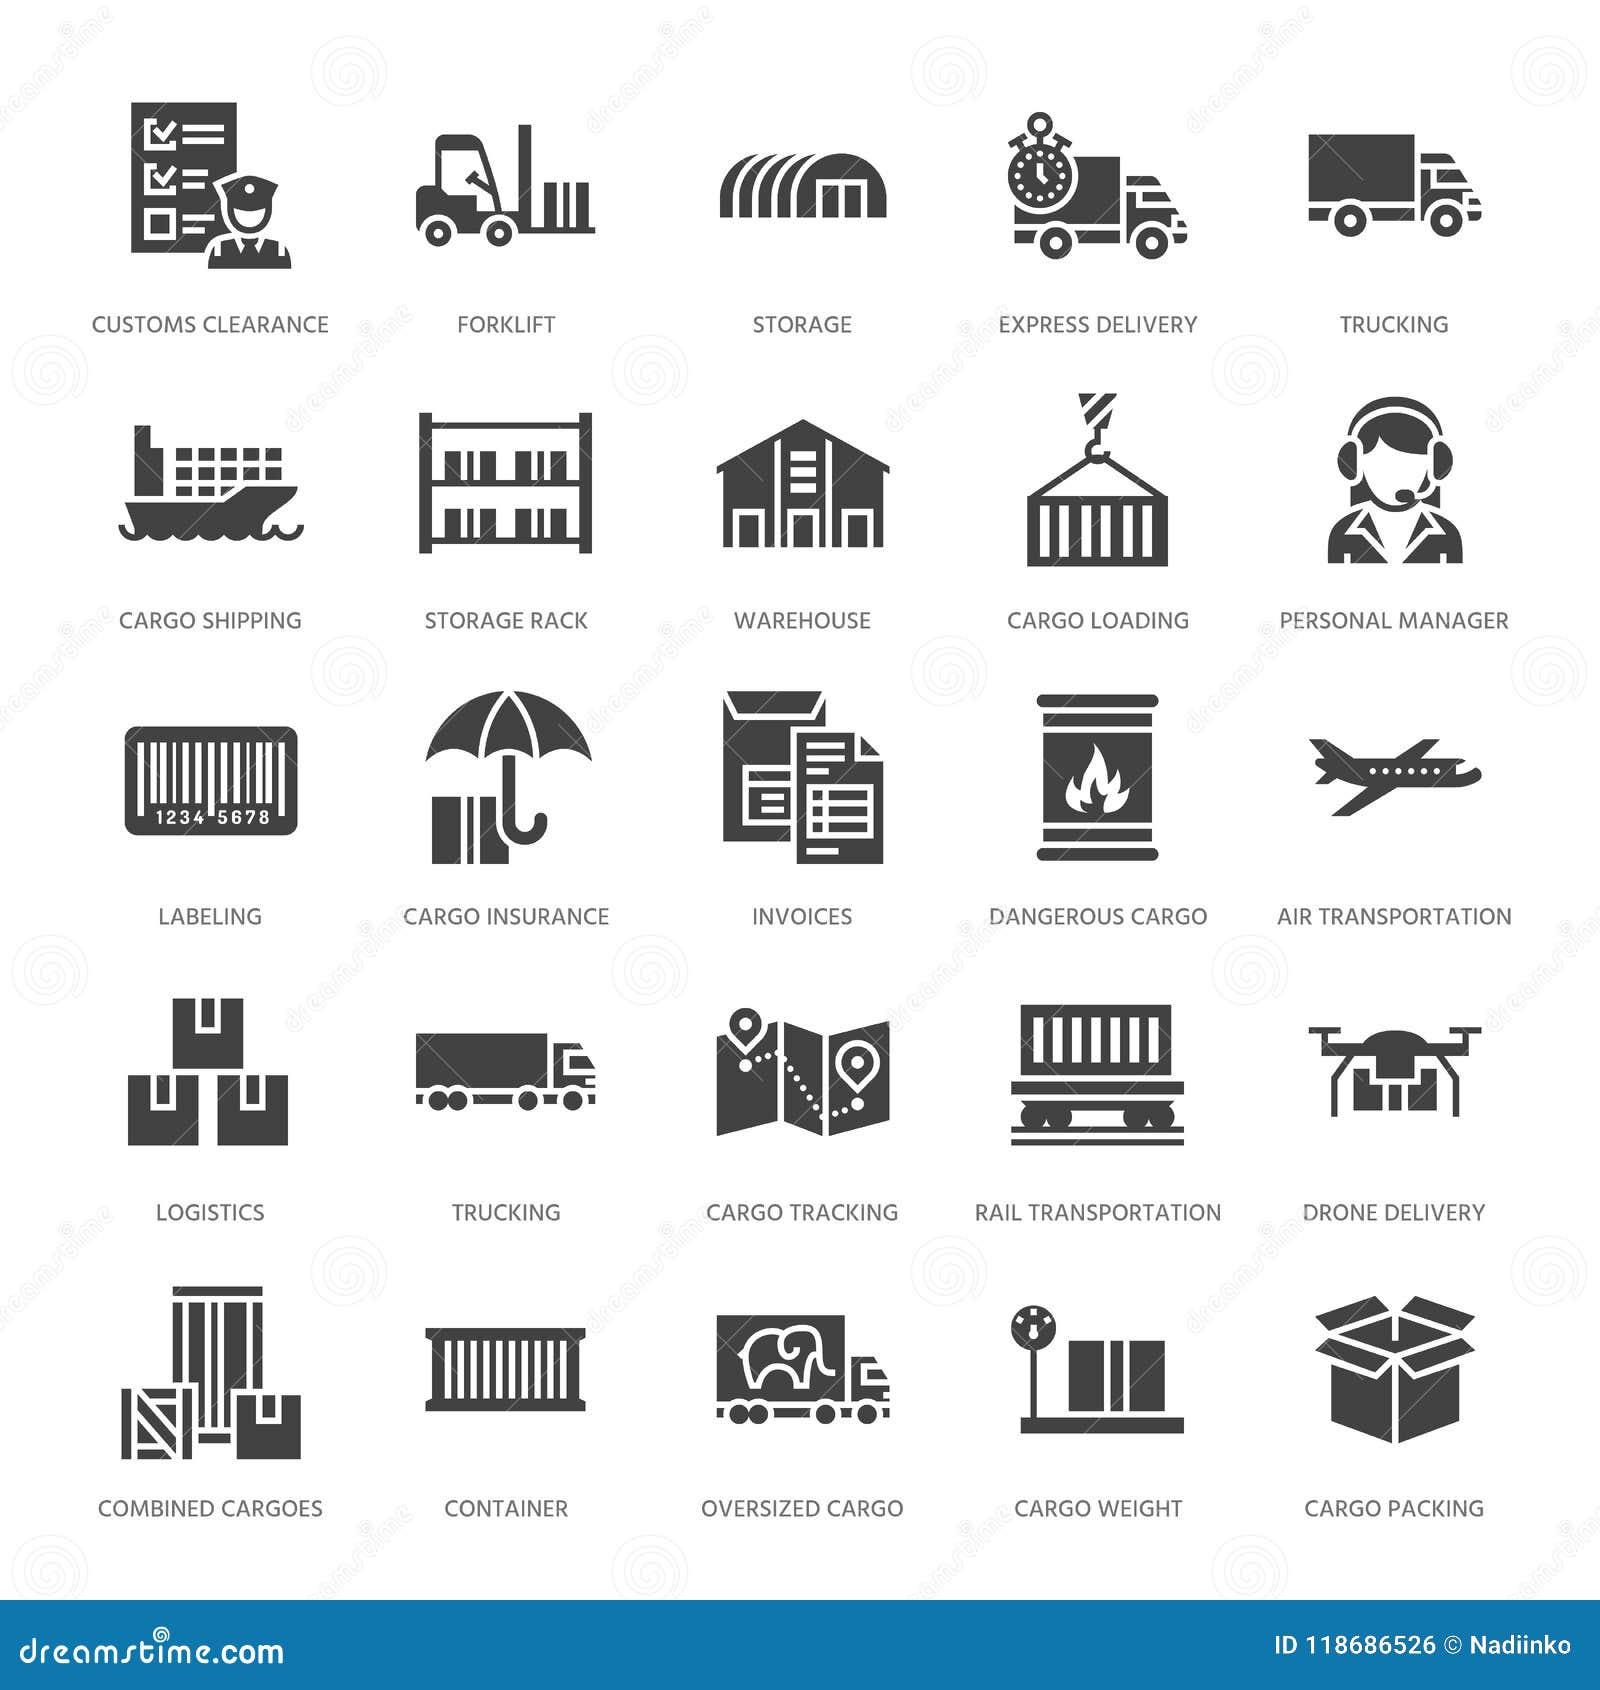 Icônes plates de glyph de transport de cargaison troquant, la livraison express, logistique, expédition, douane, paquet, dépistan